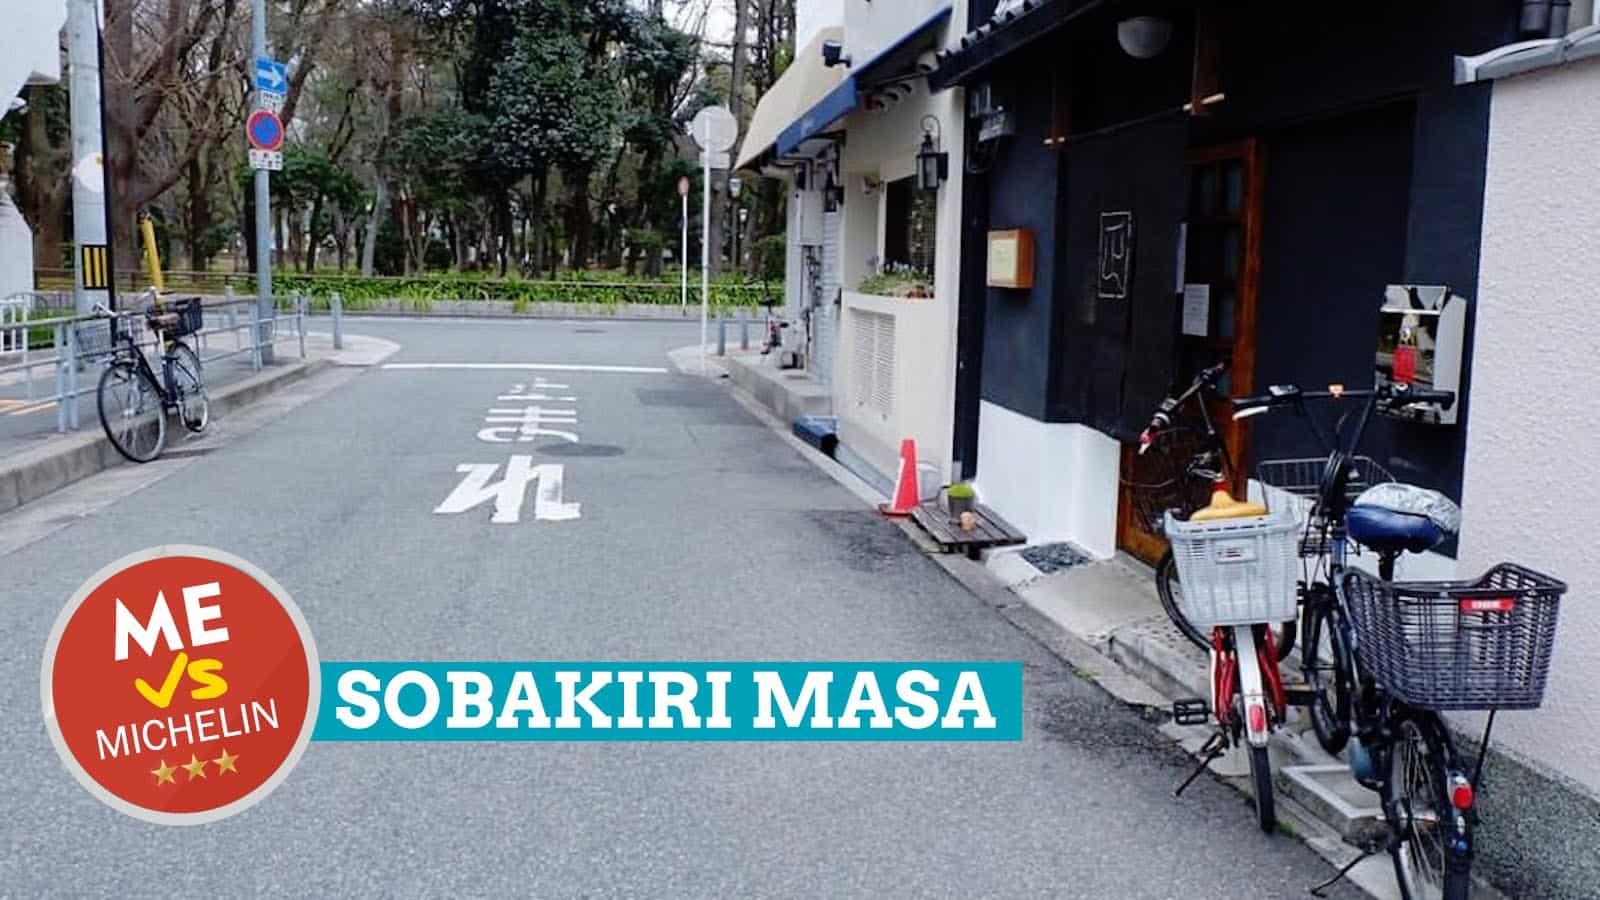 我与米其林的较量。日本大阪的MASA | 穷游者的行程安排博客